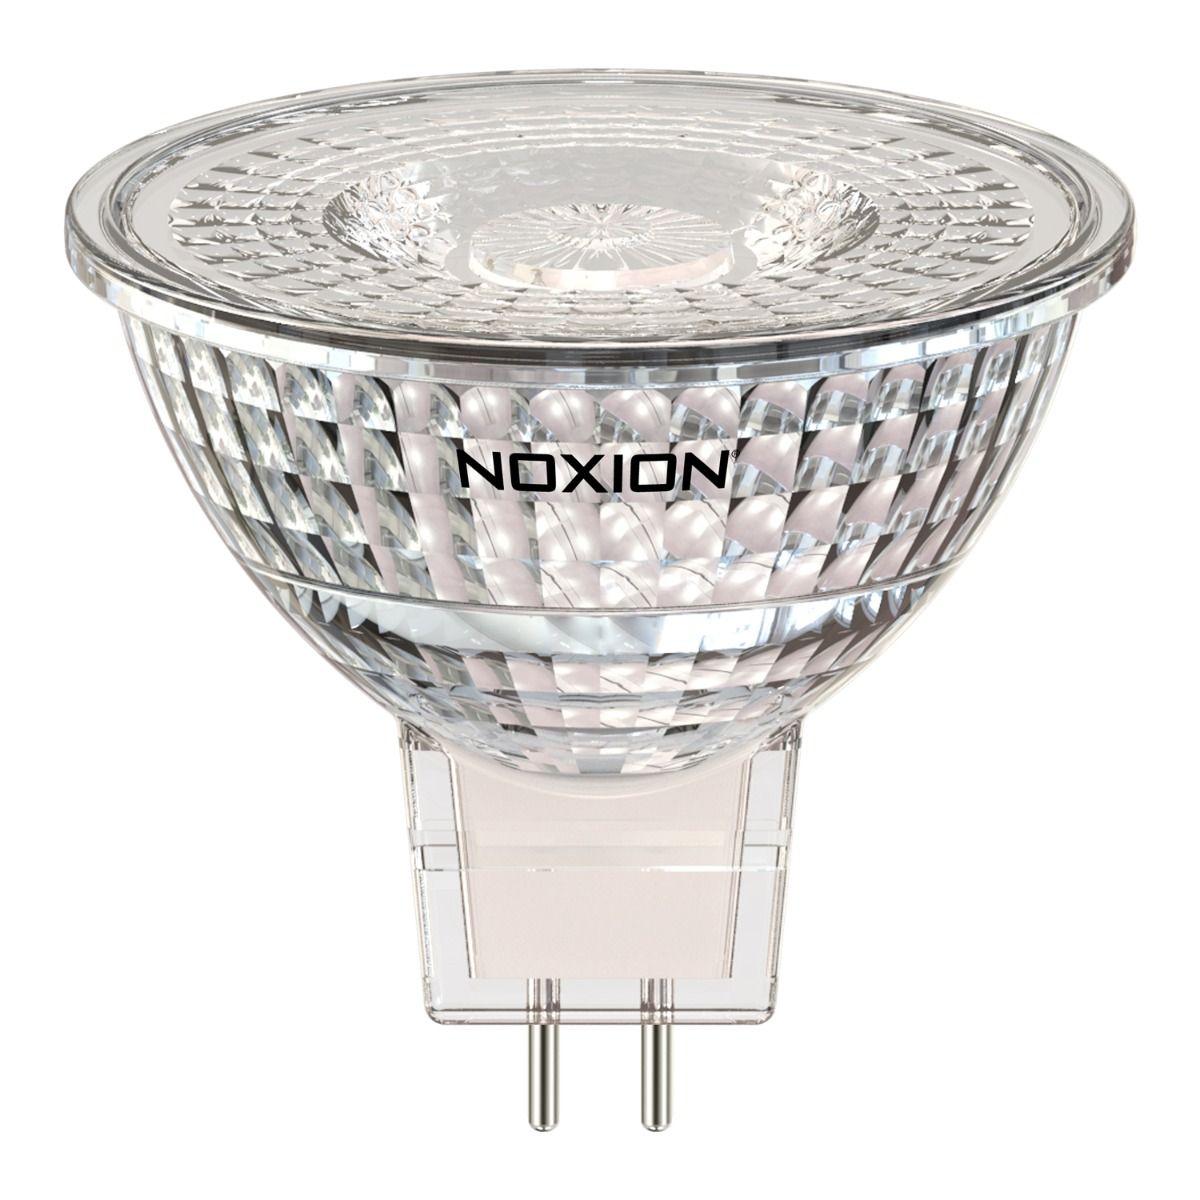 Noxion LED Spot GU5.3 5W 840 36D 490lm | Dimbaar - Vervanger voor 35W